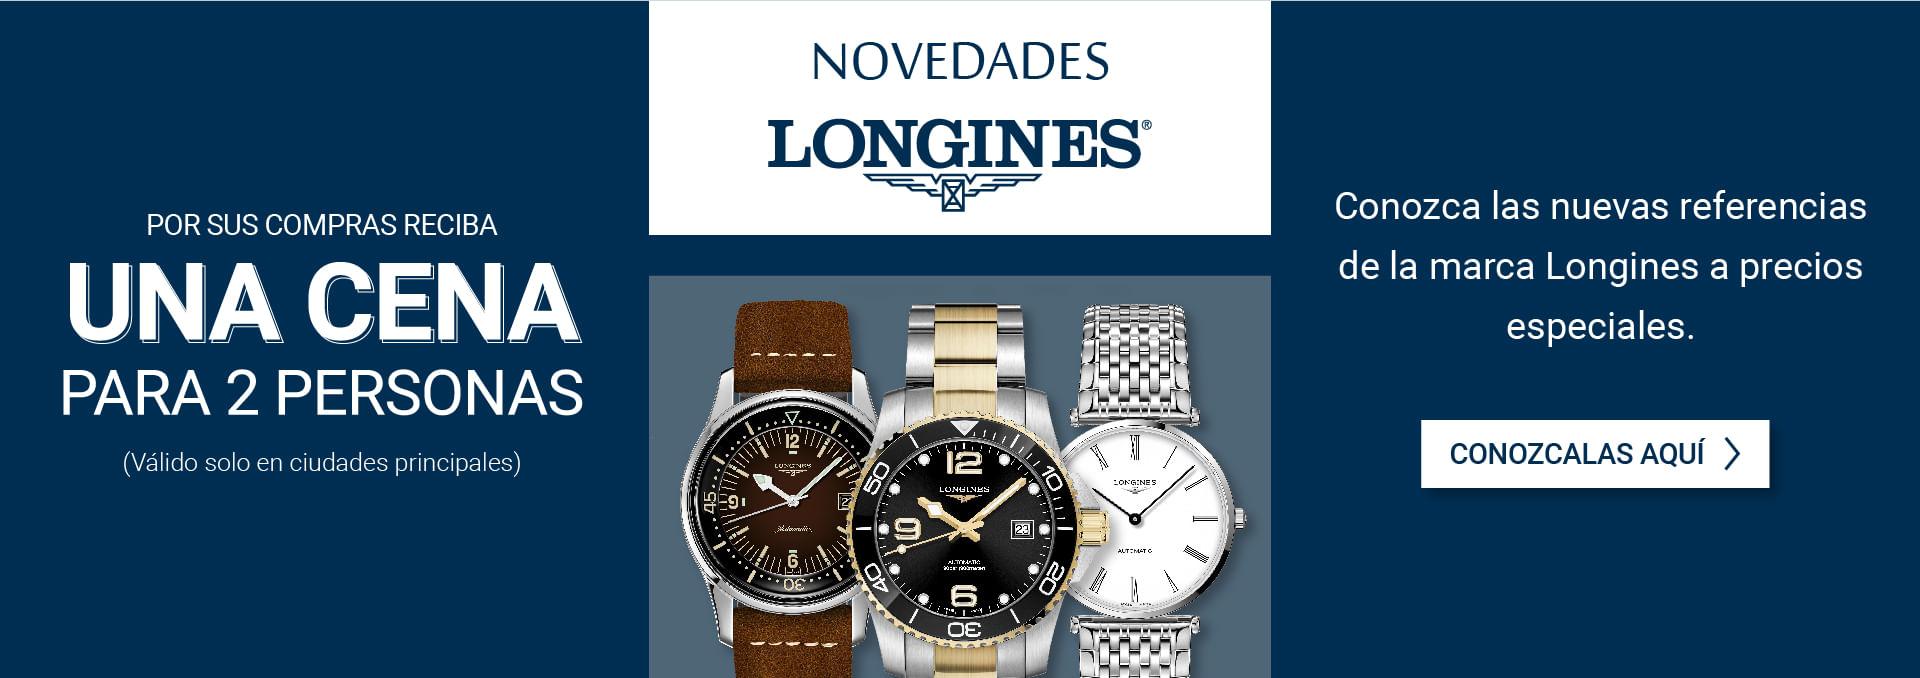 Conozca las nuevas referencias de la marca Longines a precios especiales.